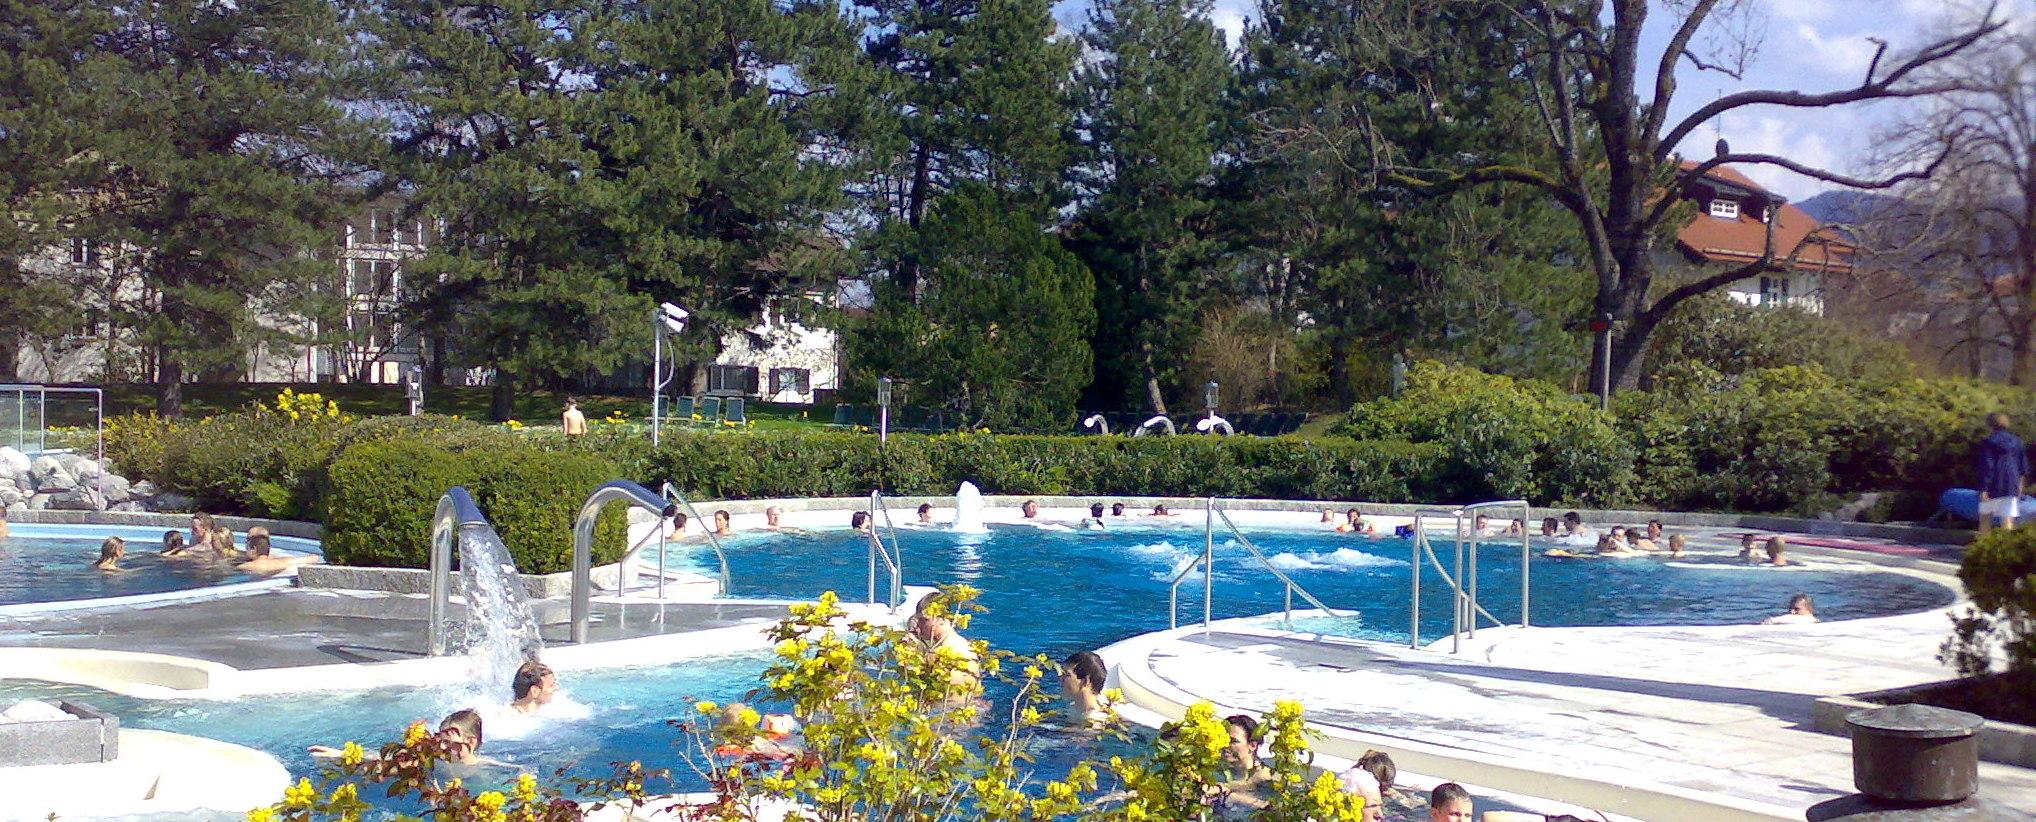 Schwimmbäder in Oberbayern